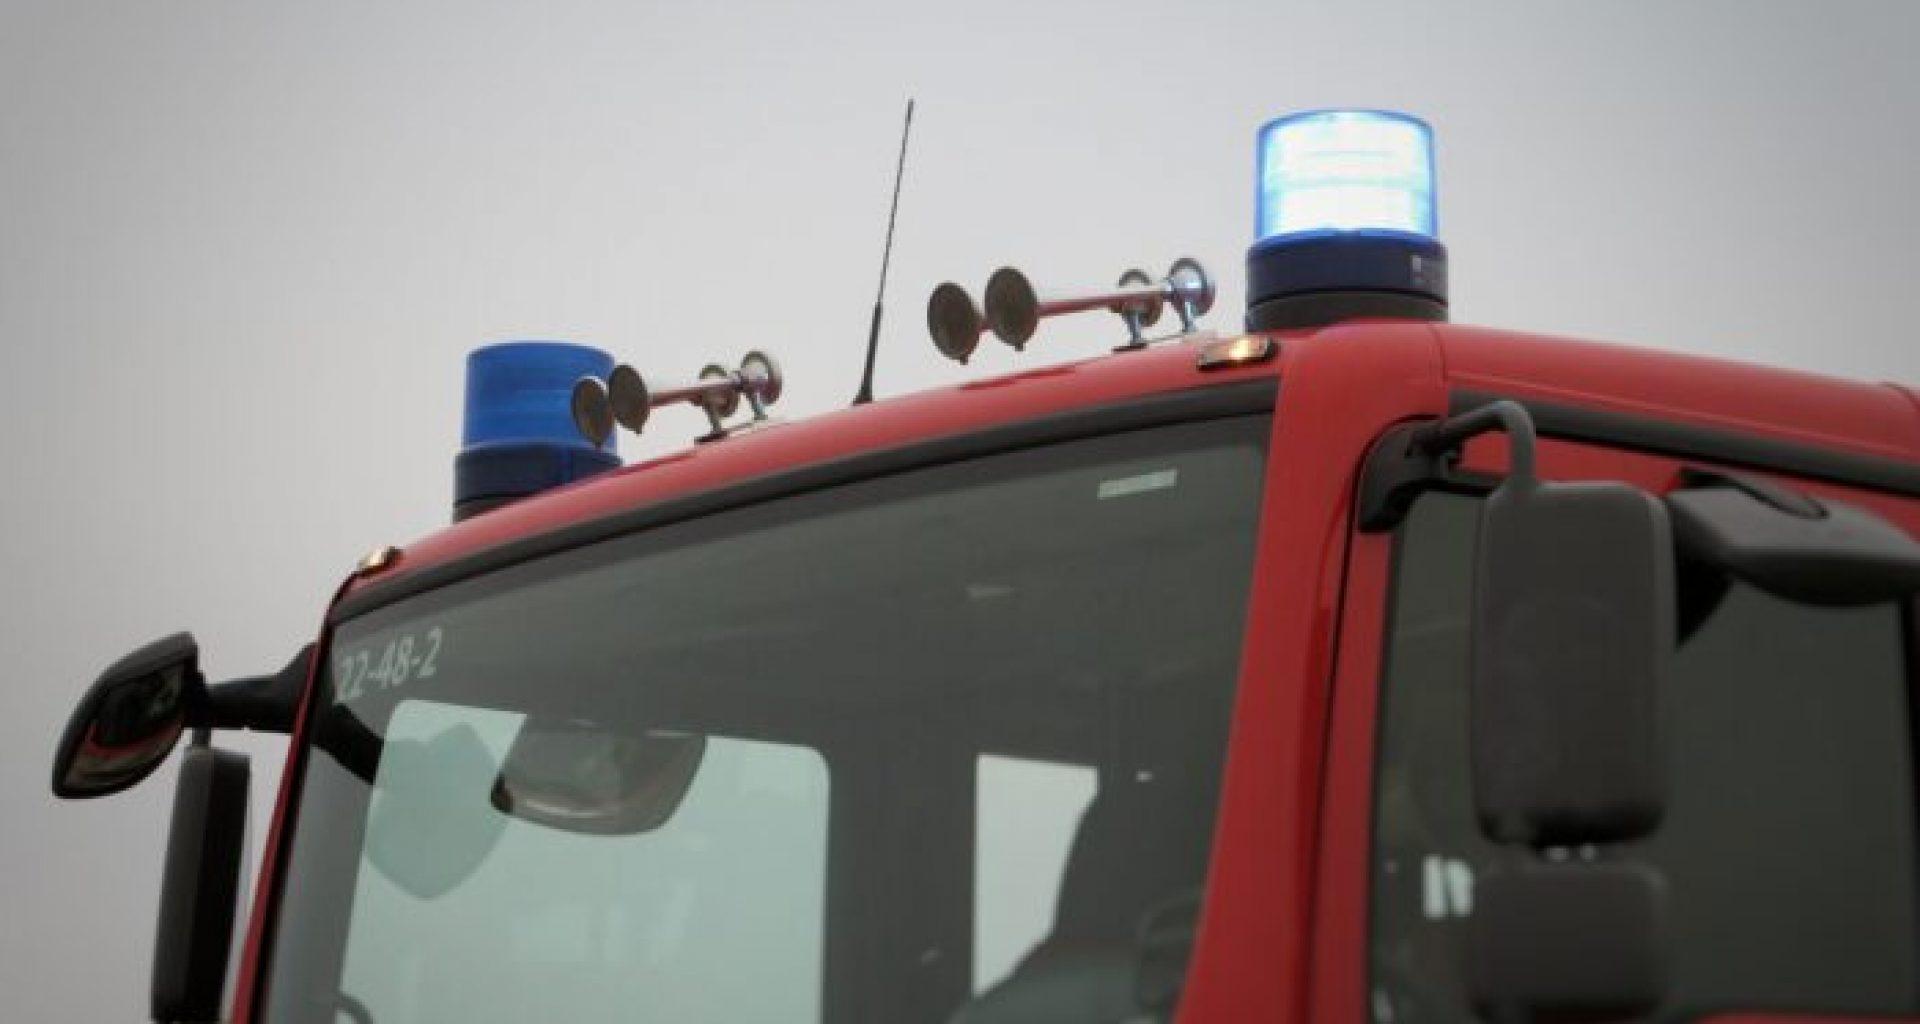 fire-truck-6466686_1920